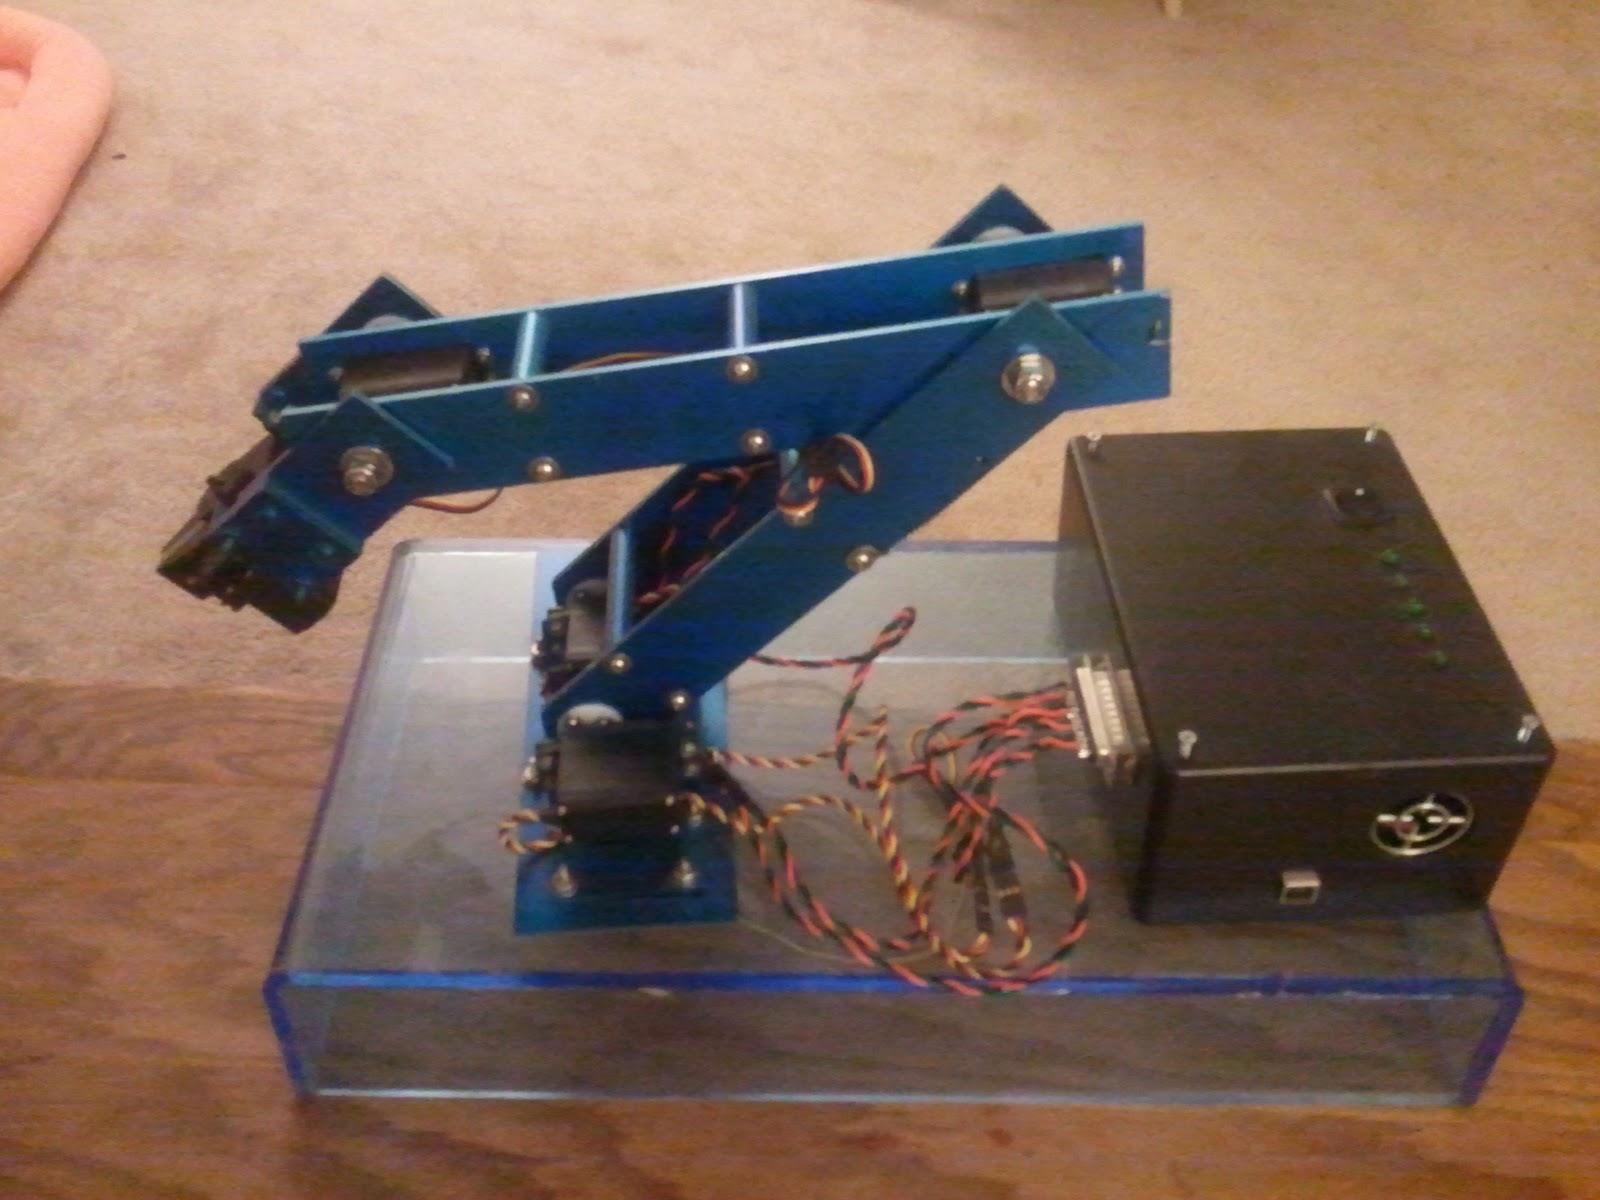 Homemade Robotic Arm Designs : Diy robot arm genomicon